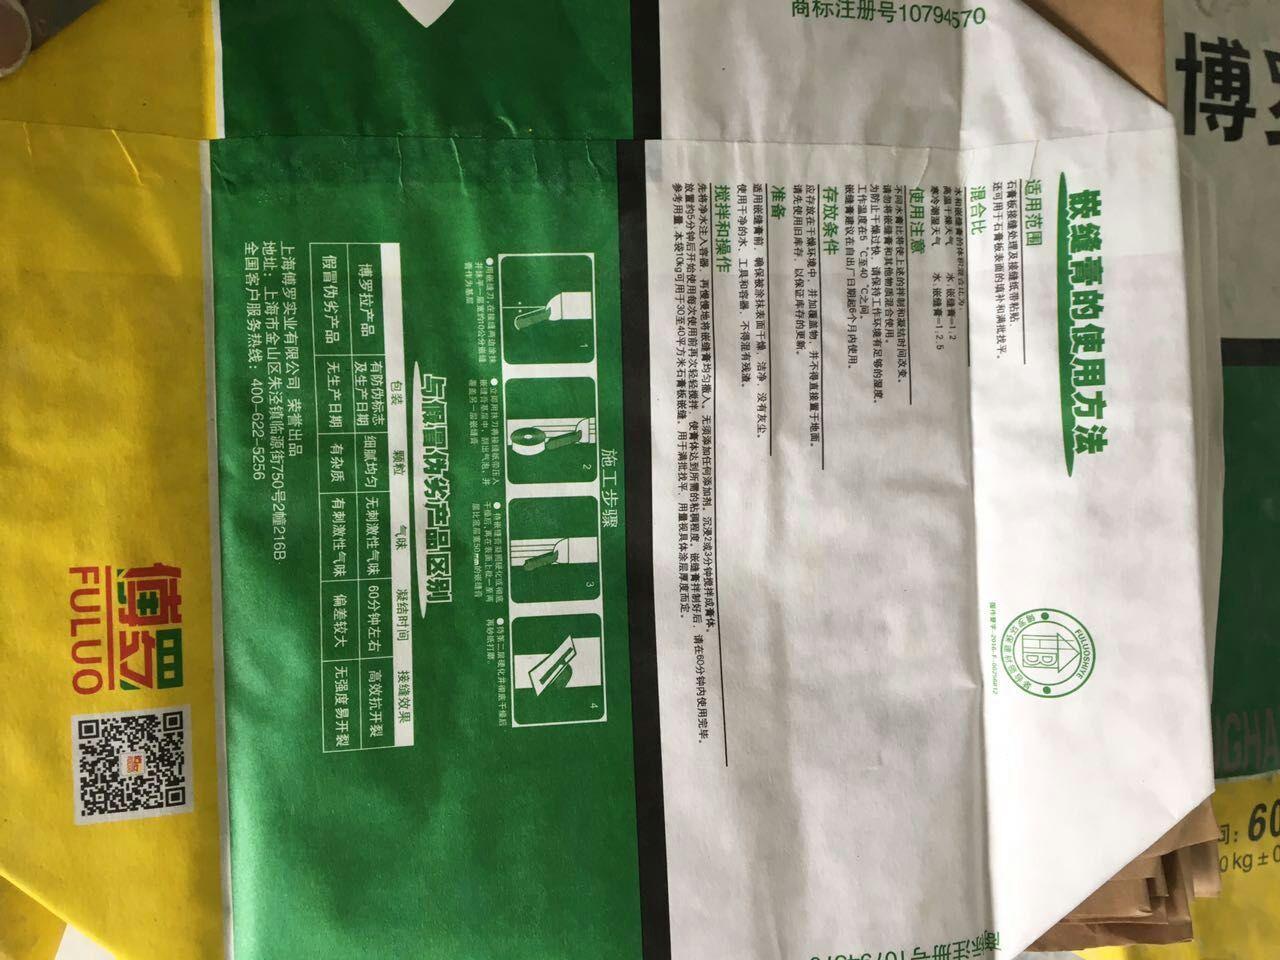 厂家直销博罗拉嵌缝膏 10KG/包 无需添加胶水 兑水即可使用 更环保